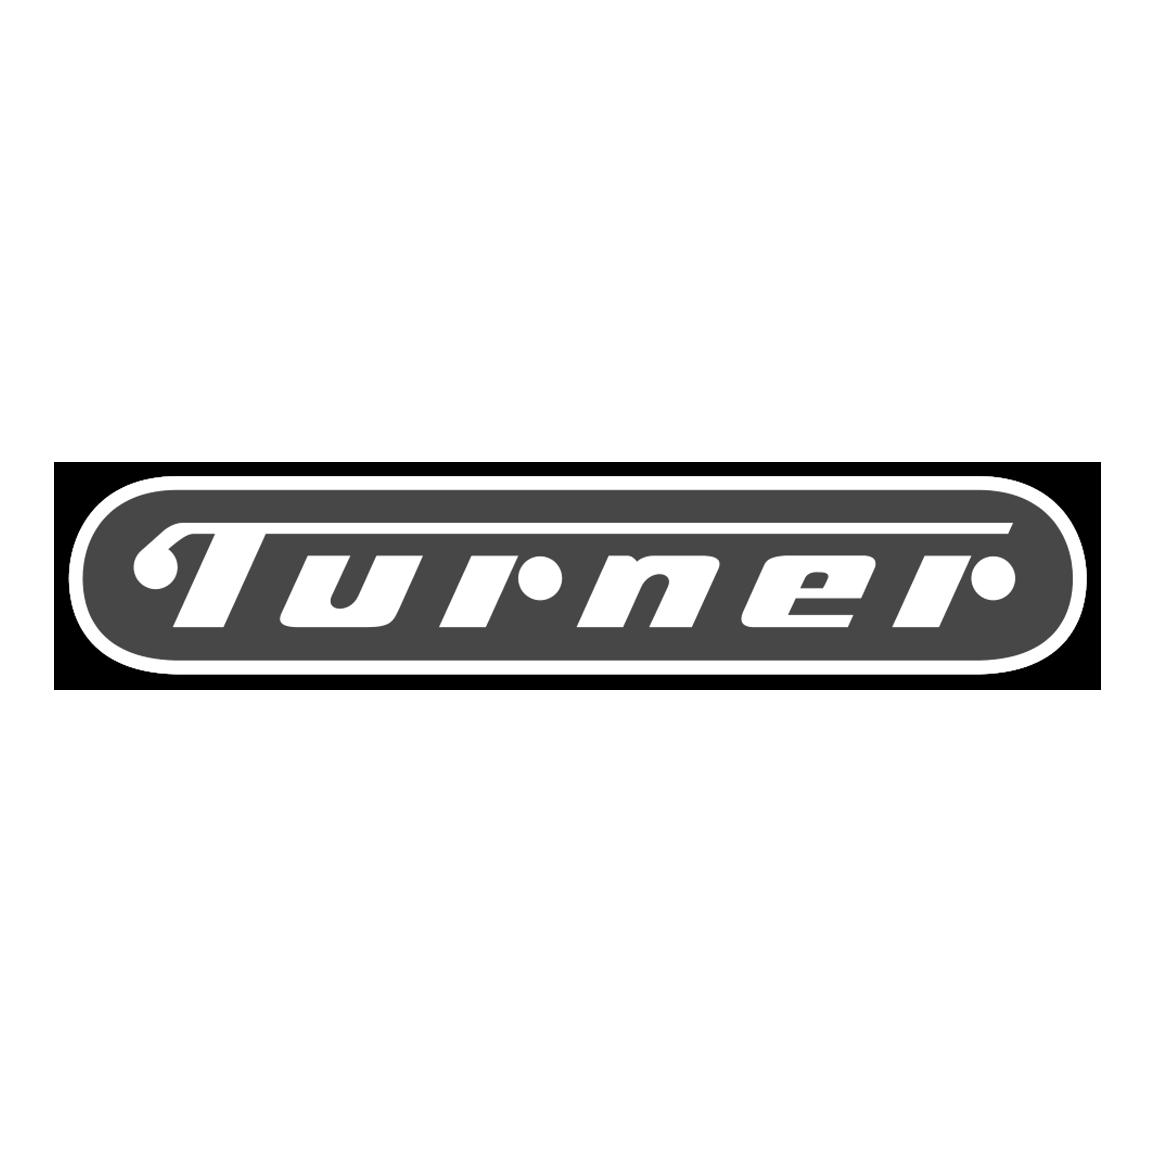 turner-logo BW.png